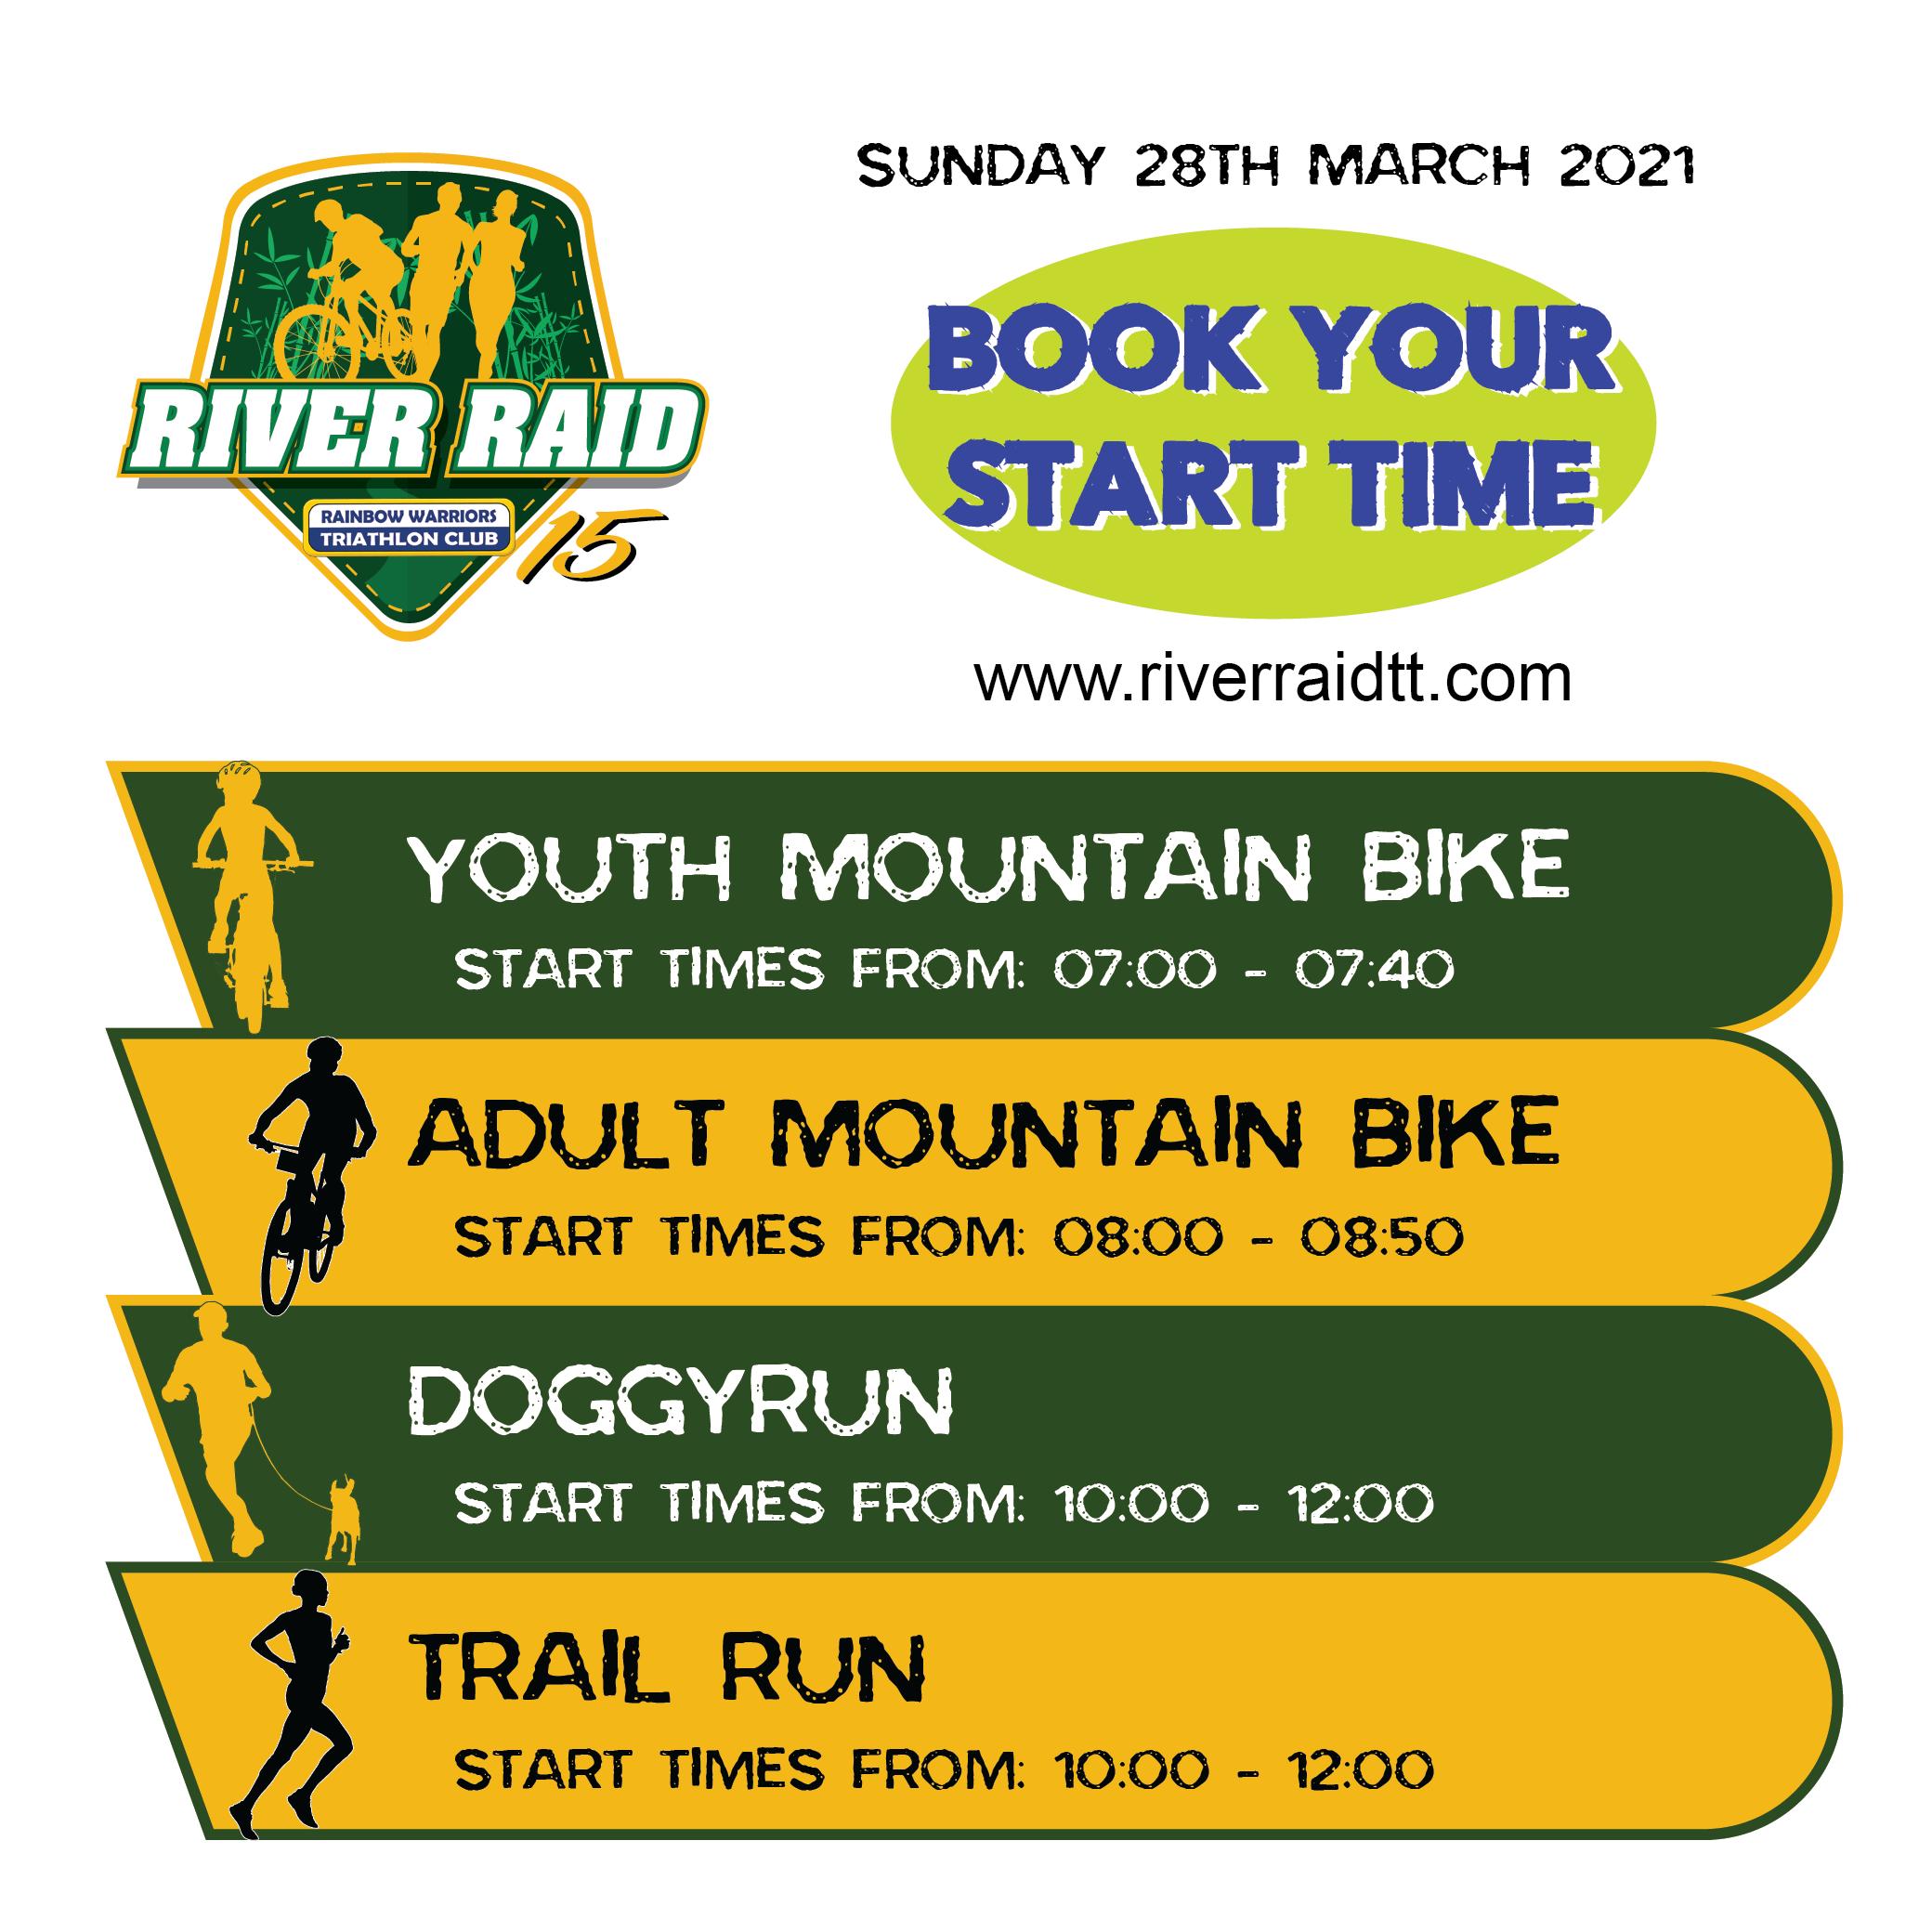 River Raid 2021 Mountain Bike Trail Run DoggyRun